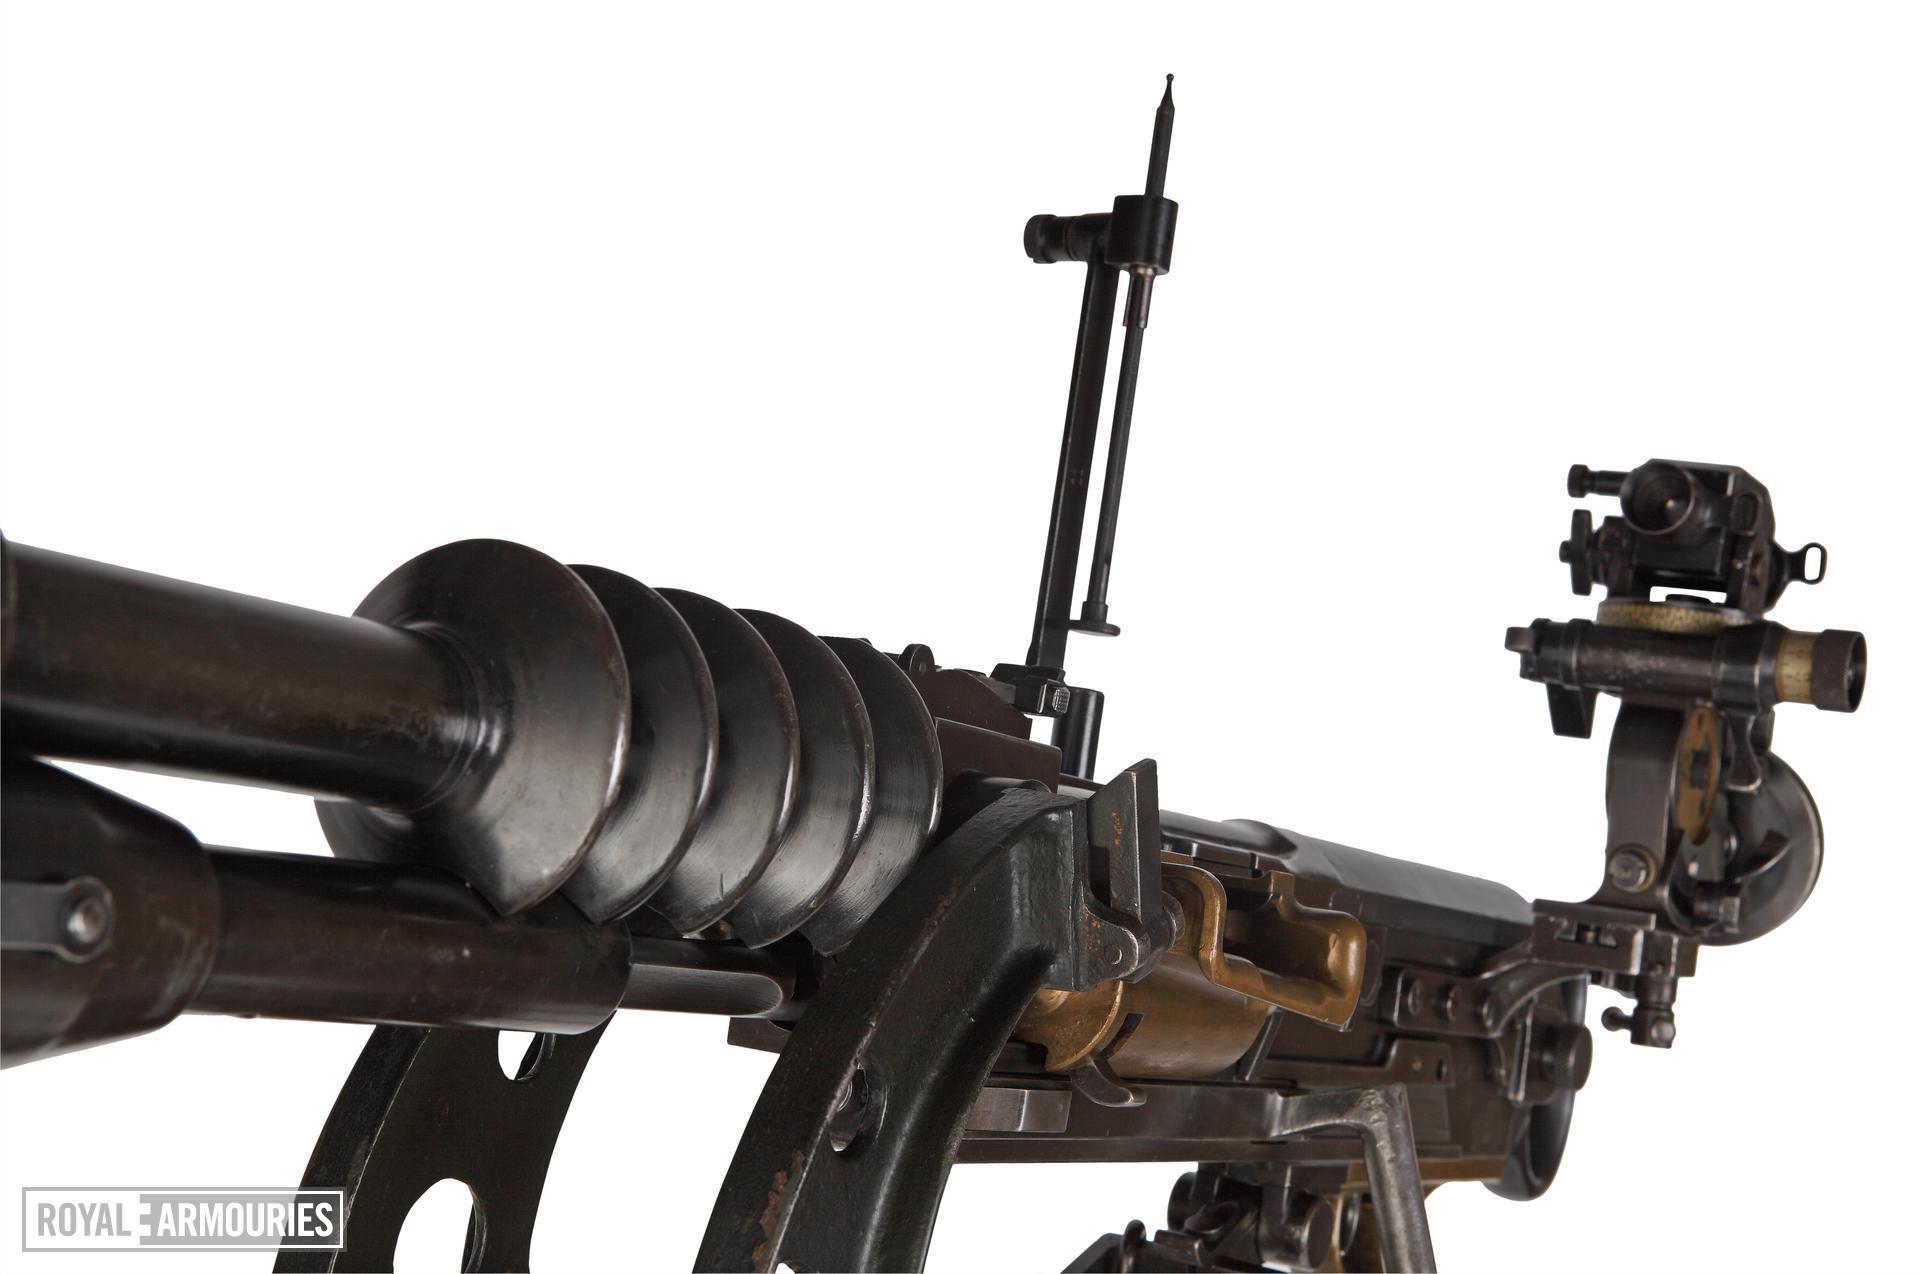 Hotchkiss Modèle 1914 machine gun - Arms of the First World War